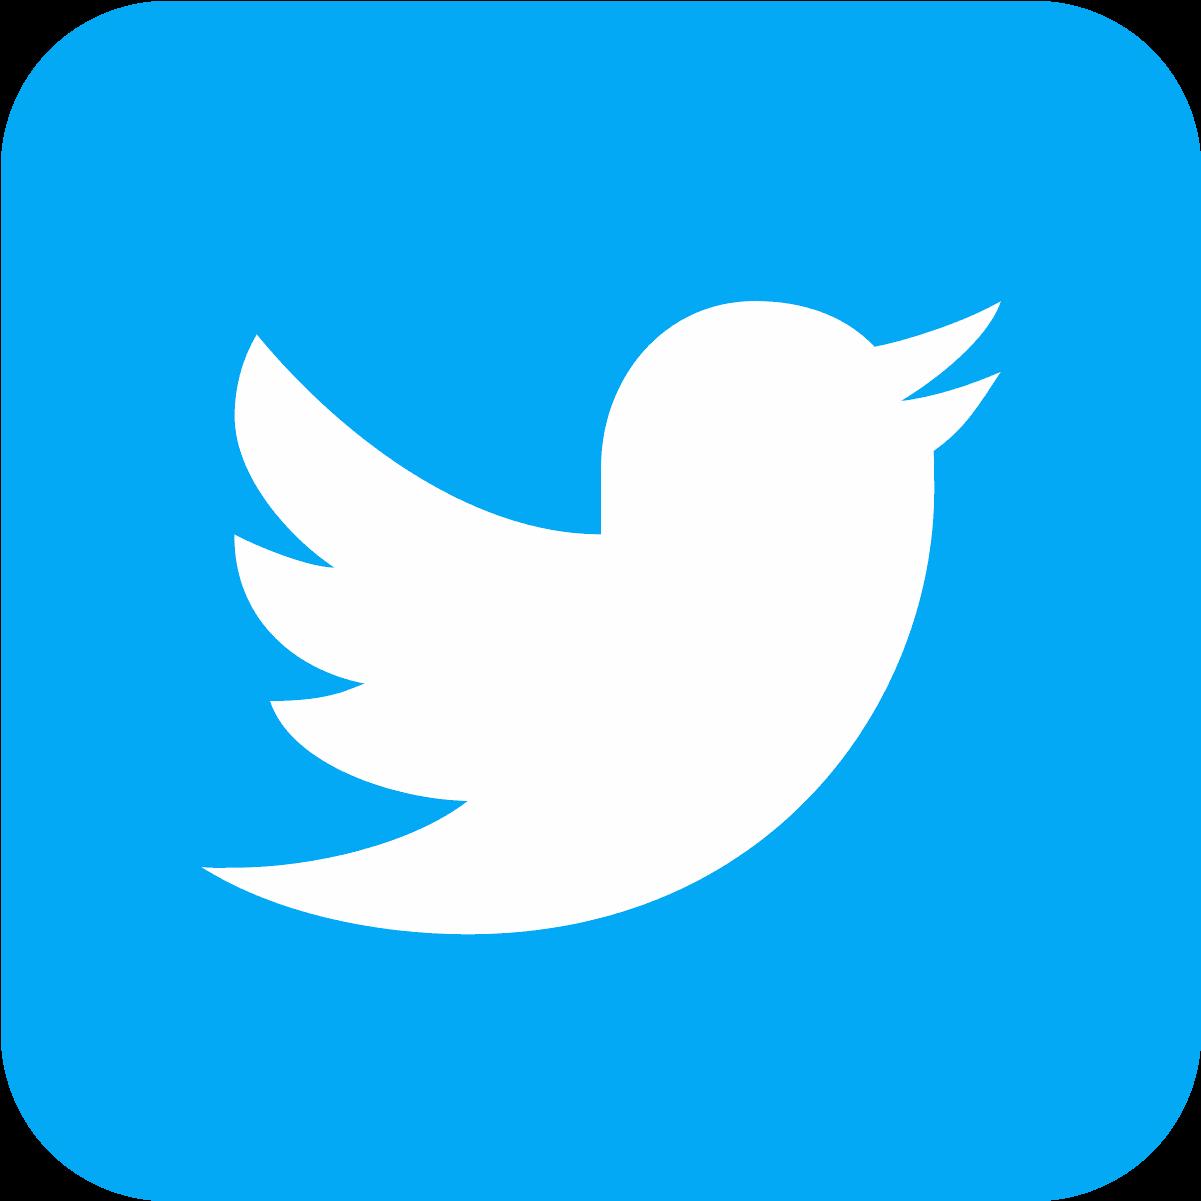 Follow Jackie on Twitter